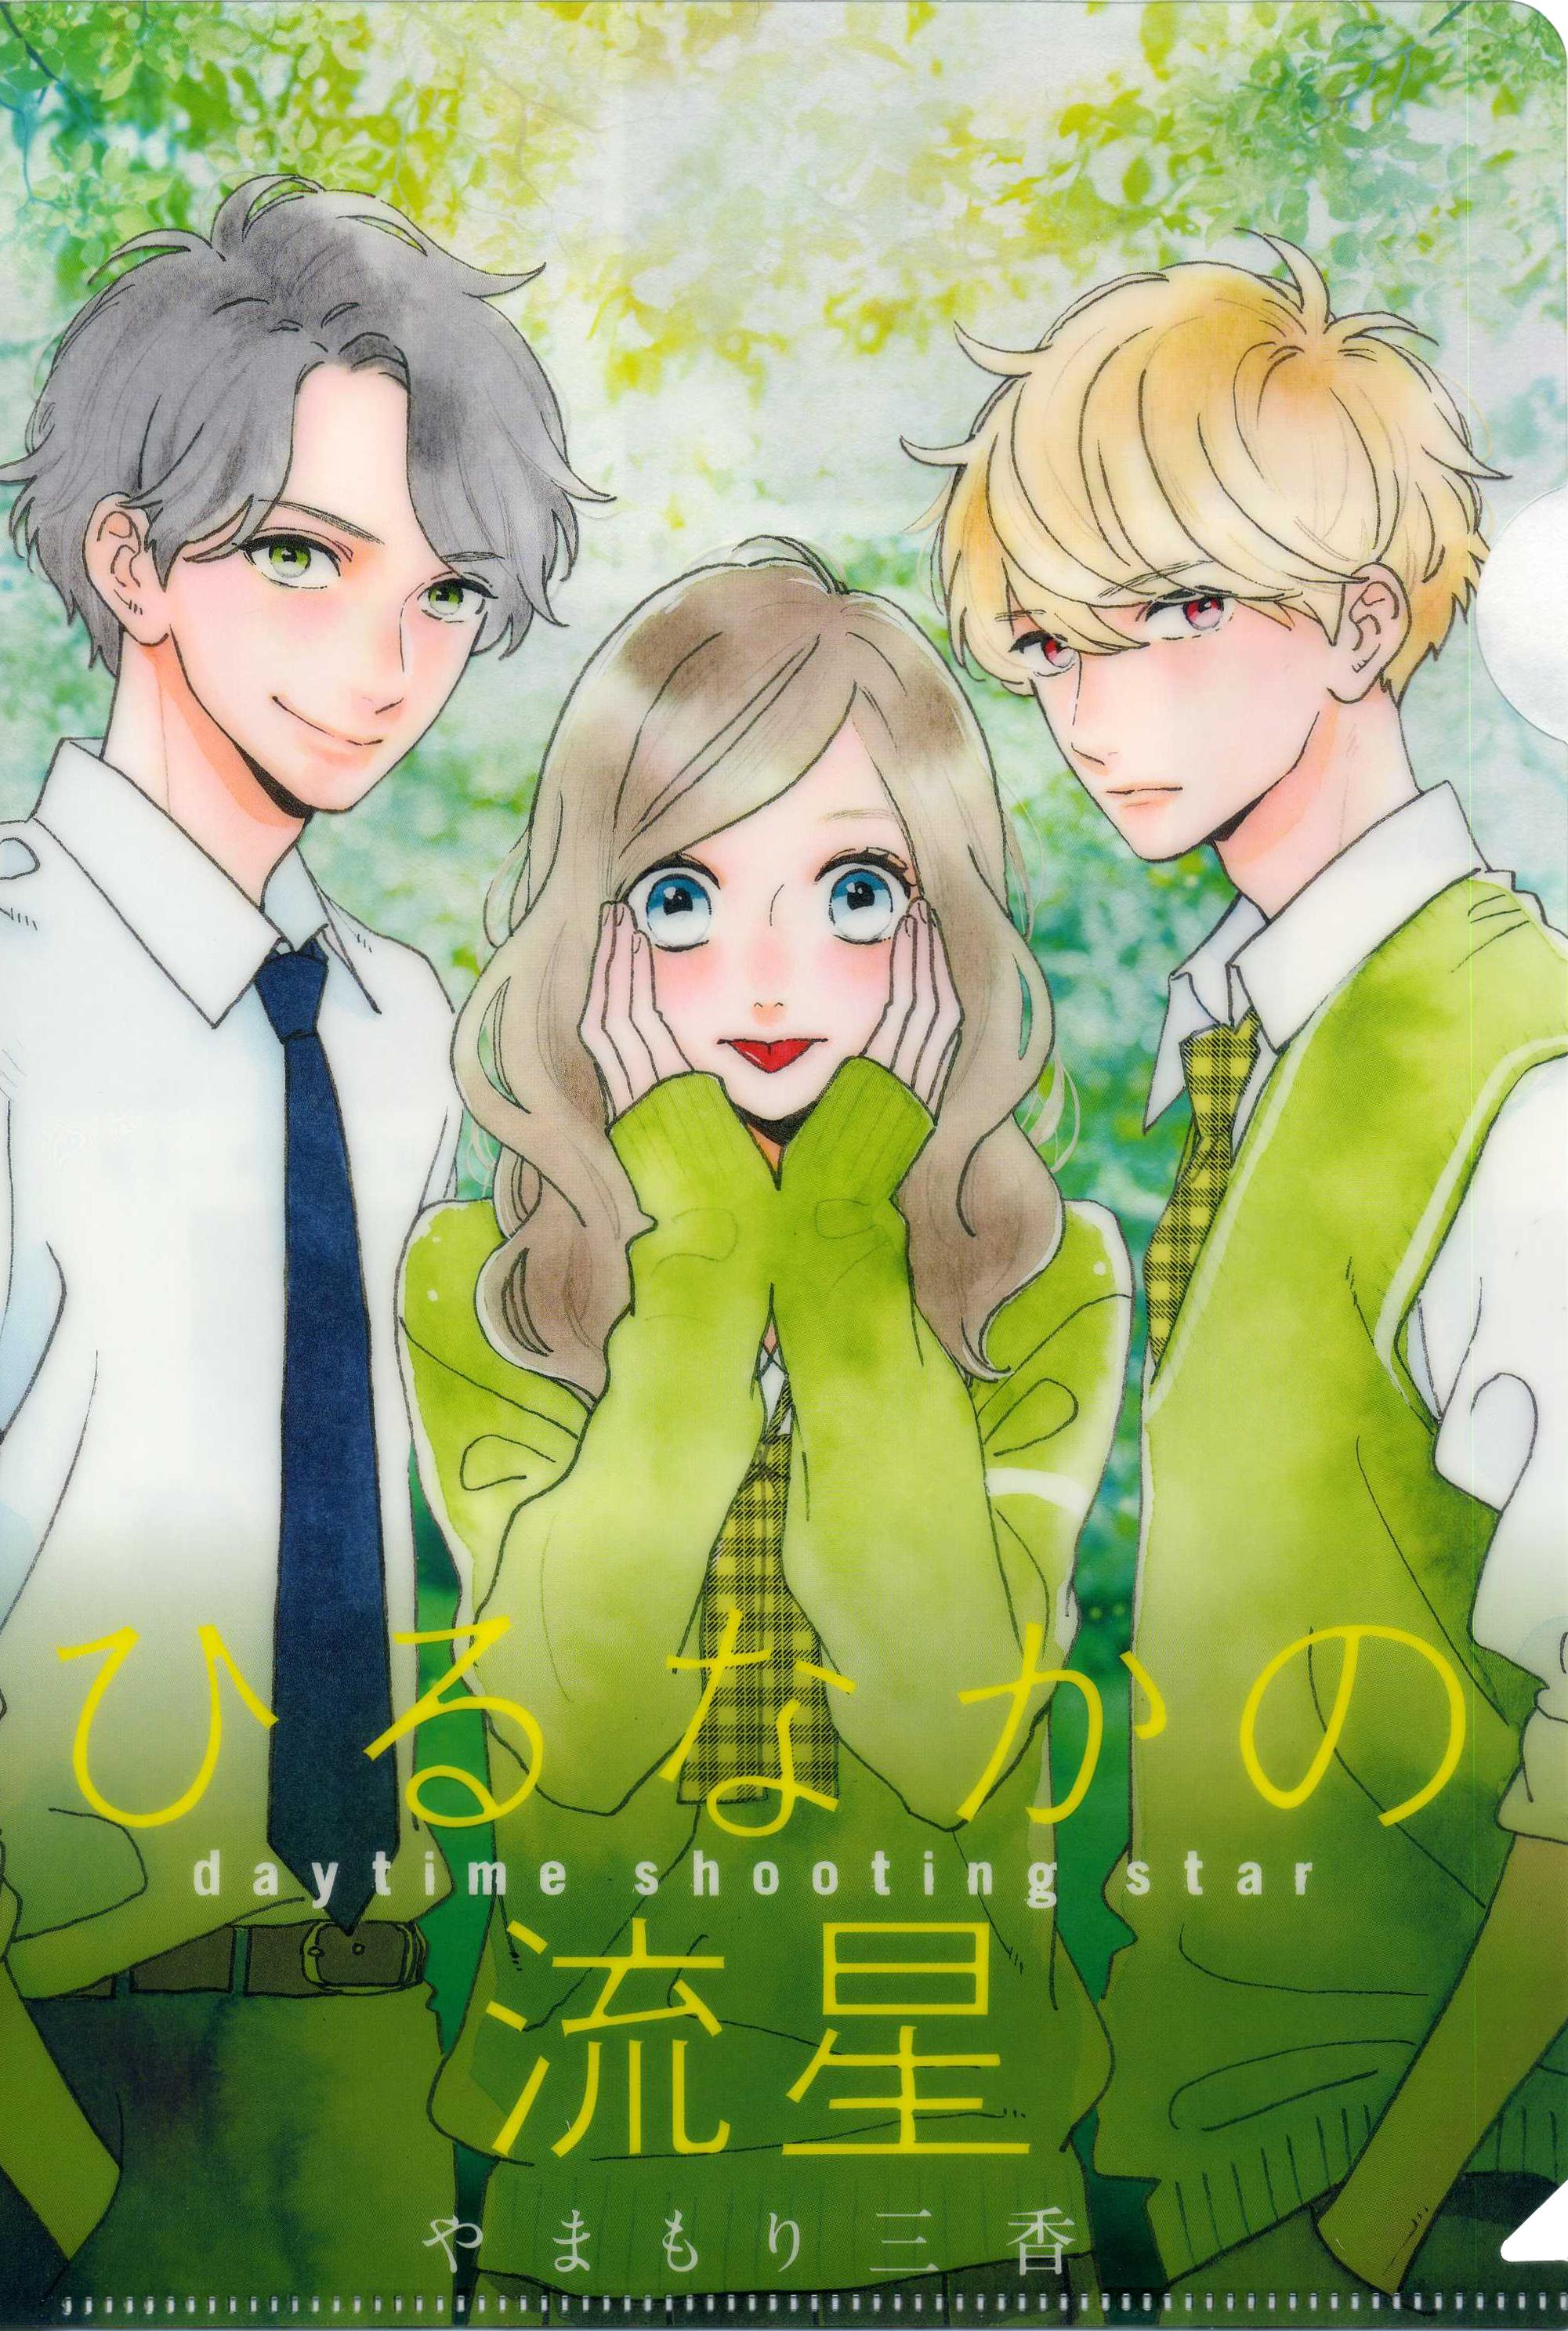 ひるなかの流星クリアファイル Anime De Romance Anime Tsubaki